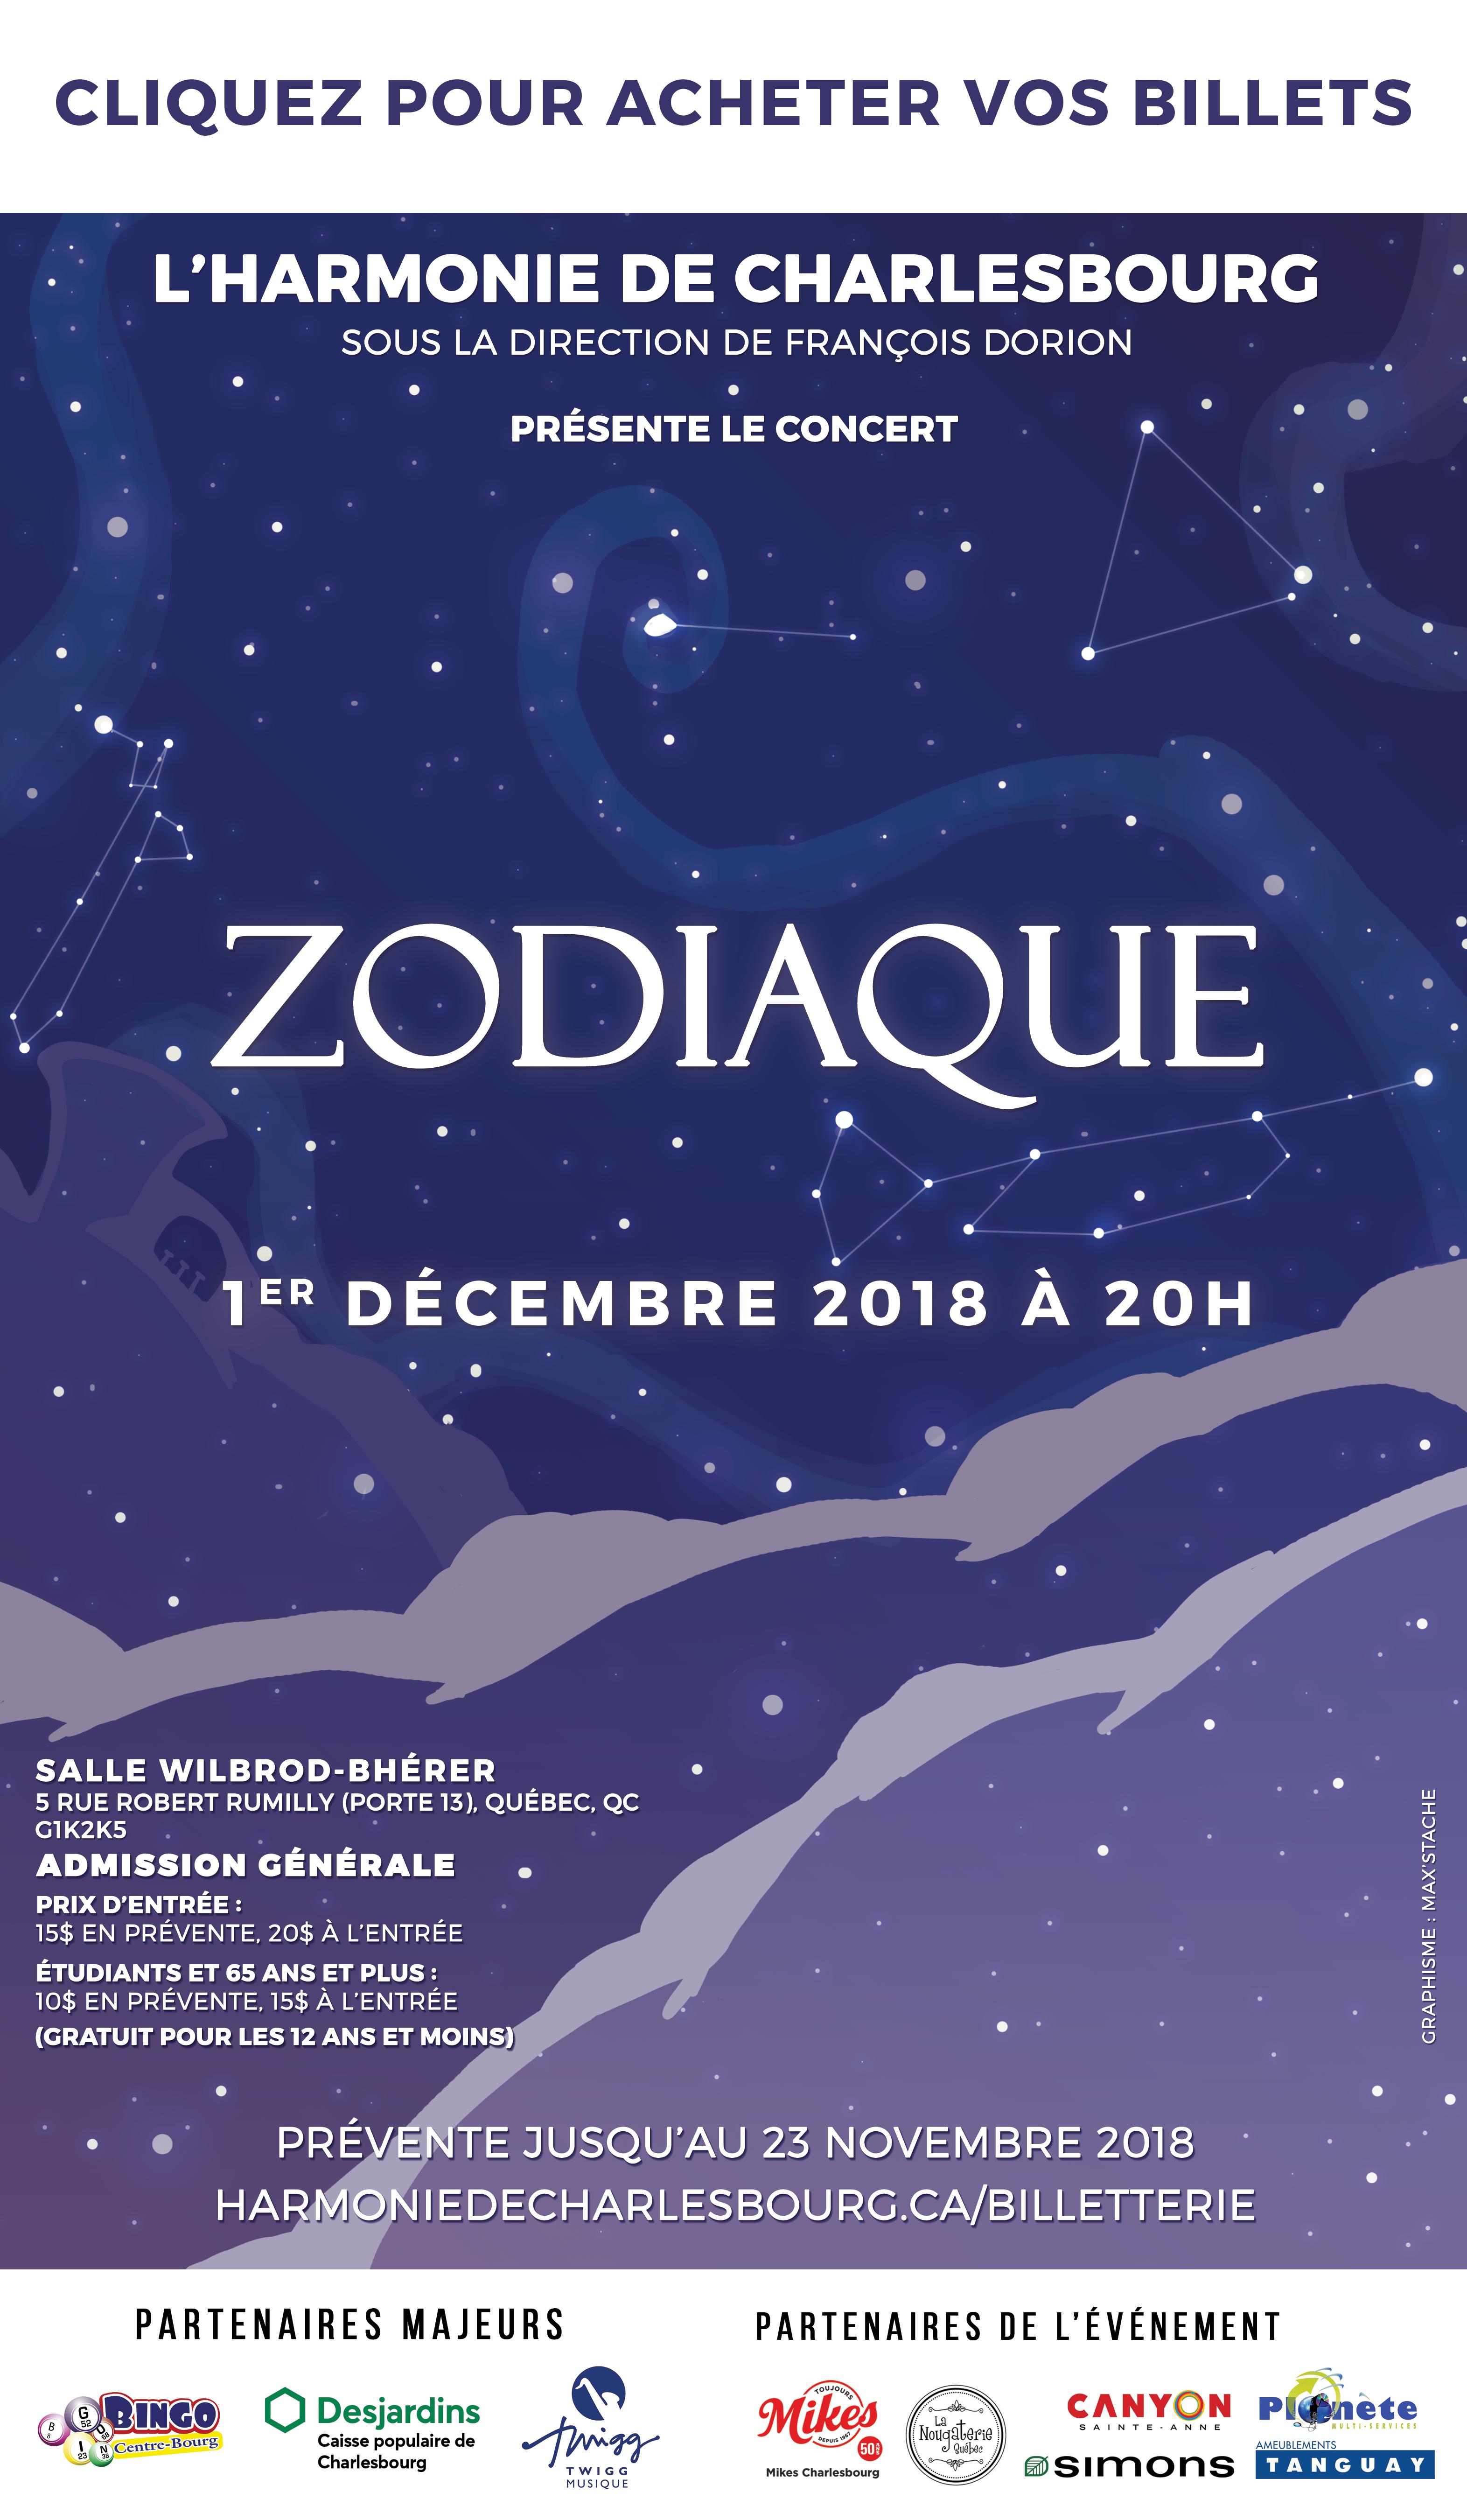 concert-zodiaque-Harmonie-de-charlesbourg-décembre-2018-web-accueil